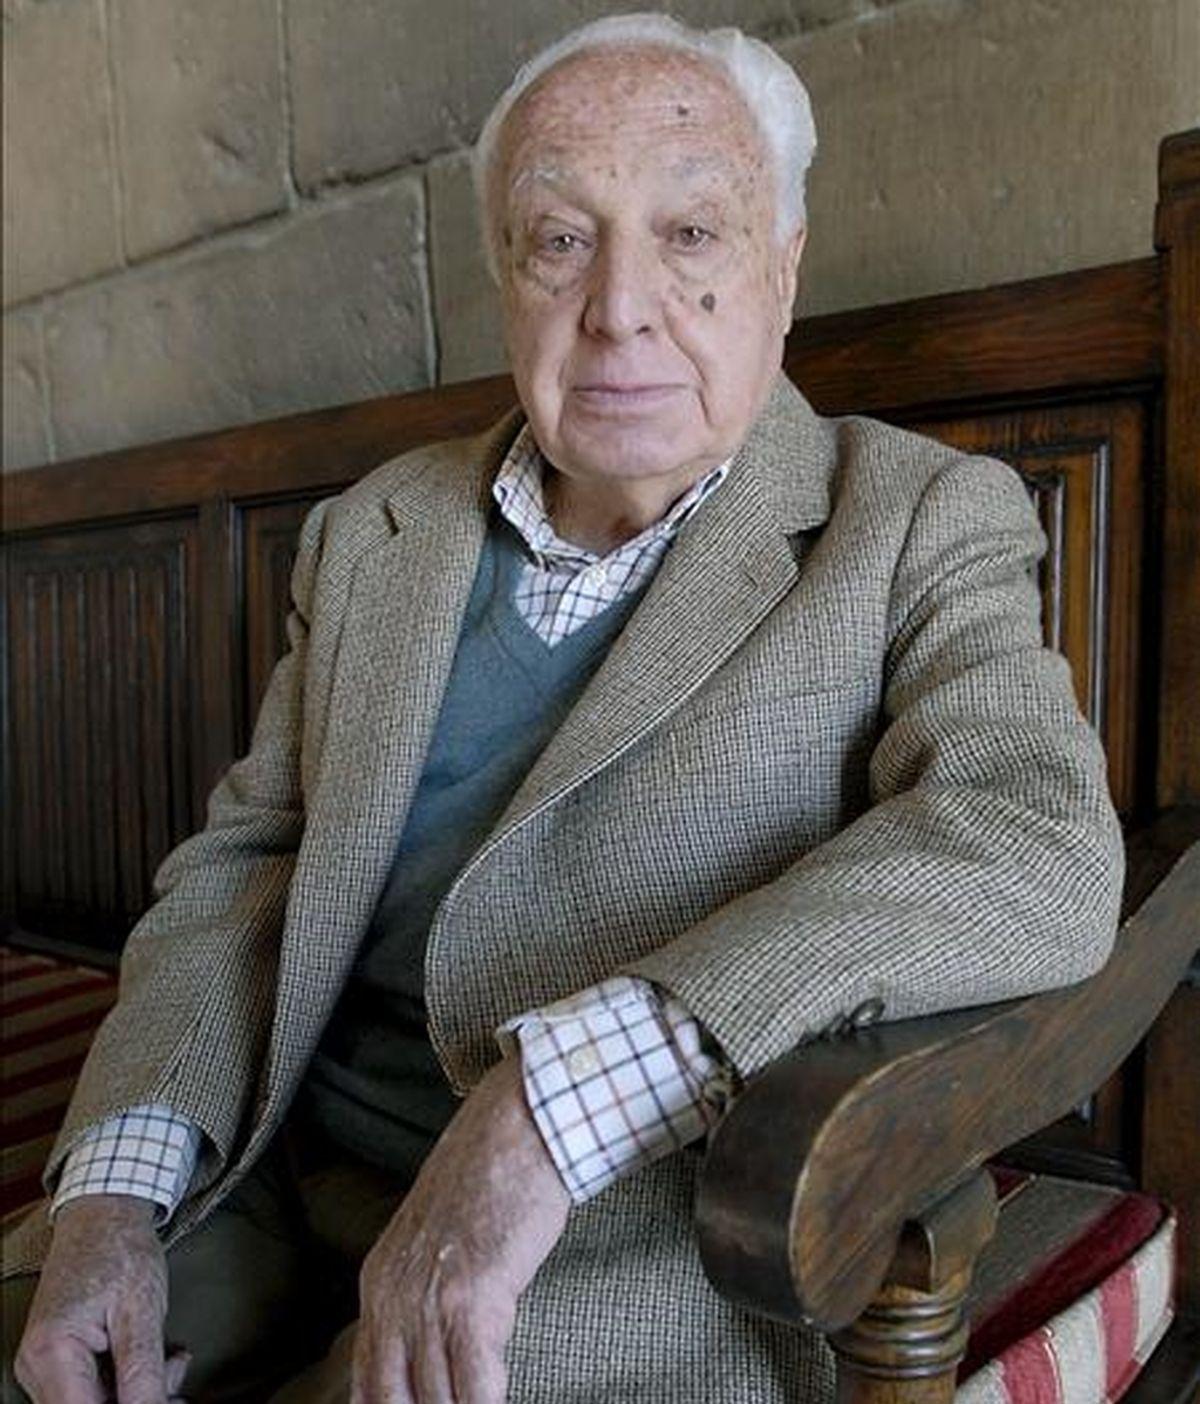 El ex presidente del Tribunal Constitucional, Manuel Jiménez de Parga. EFE/Archivo